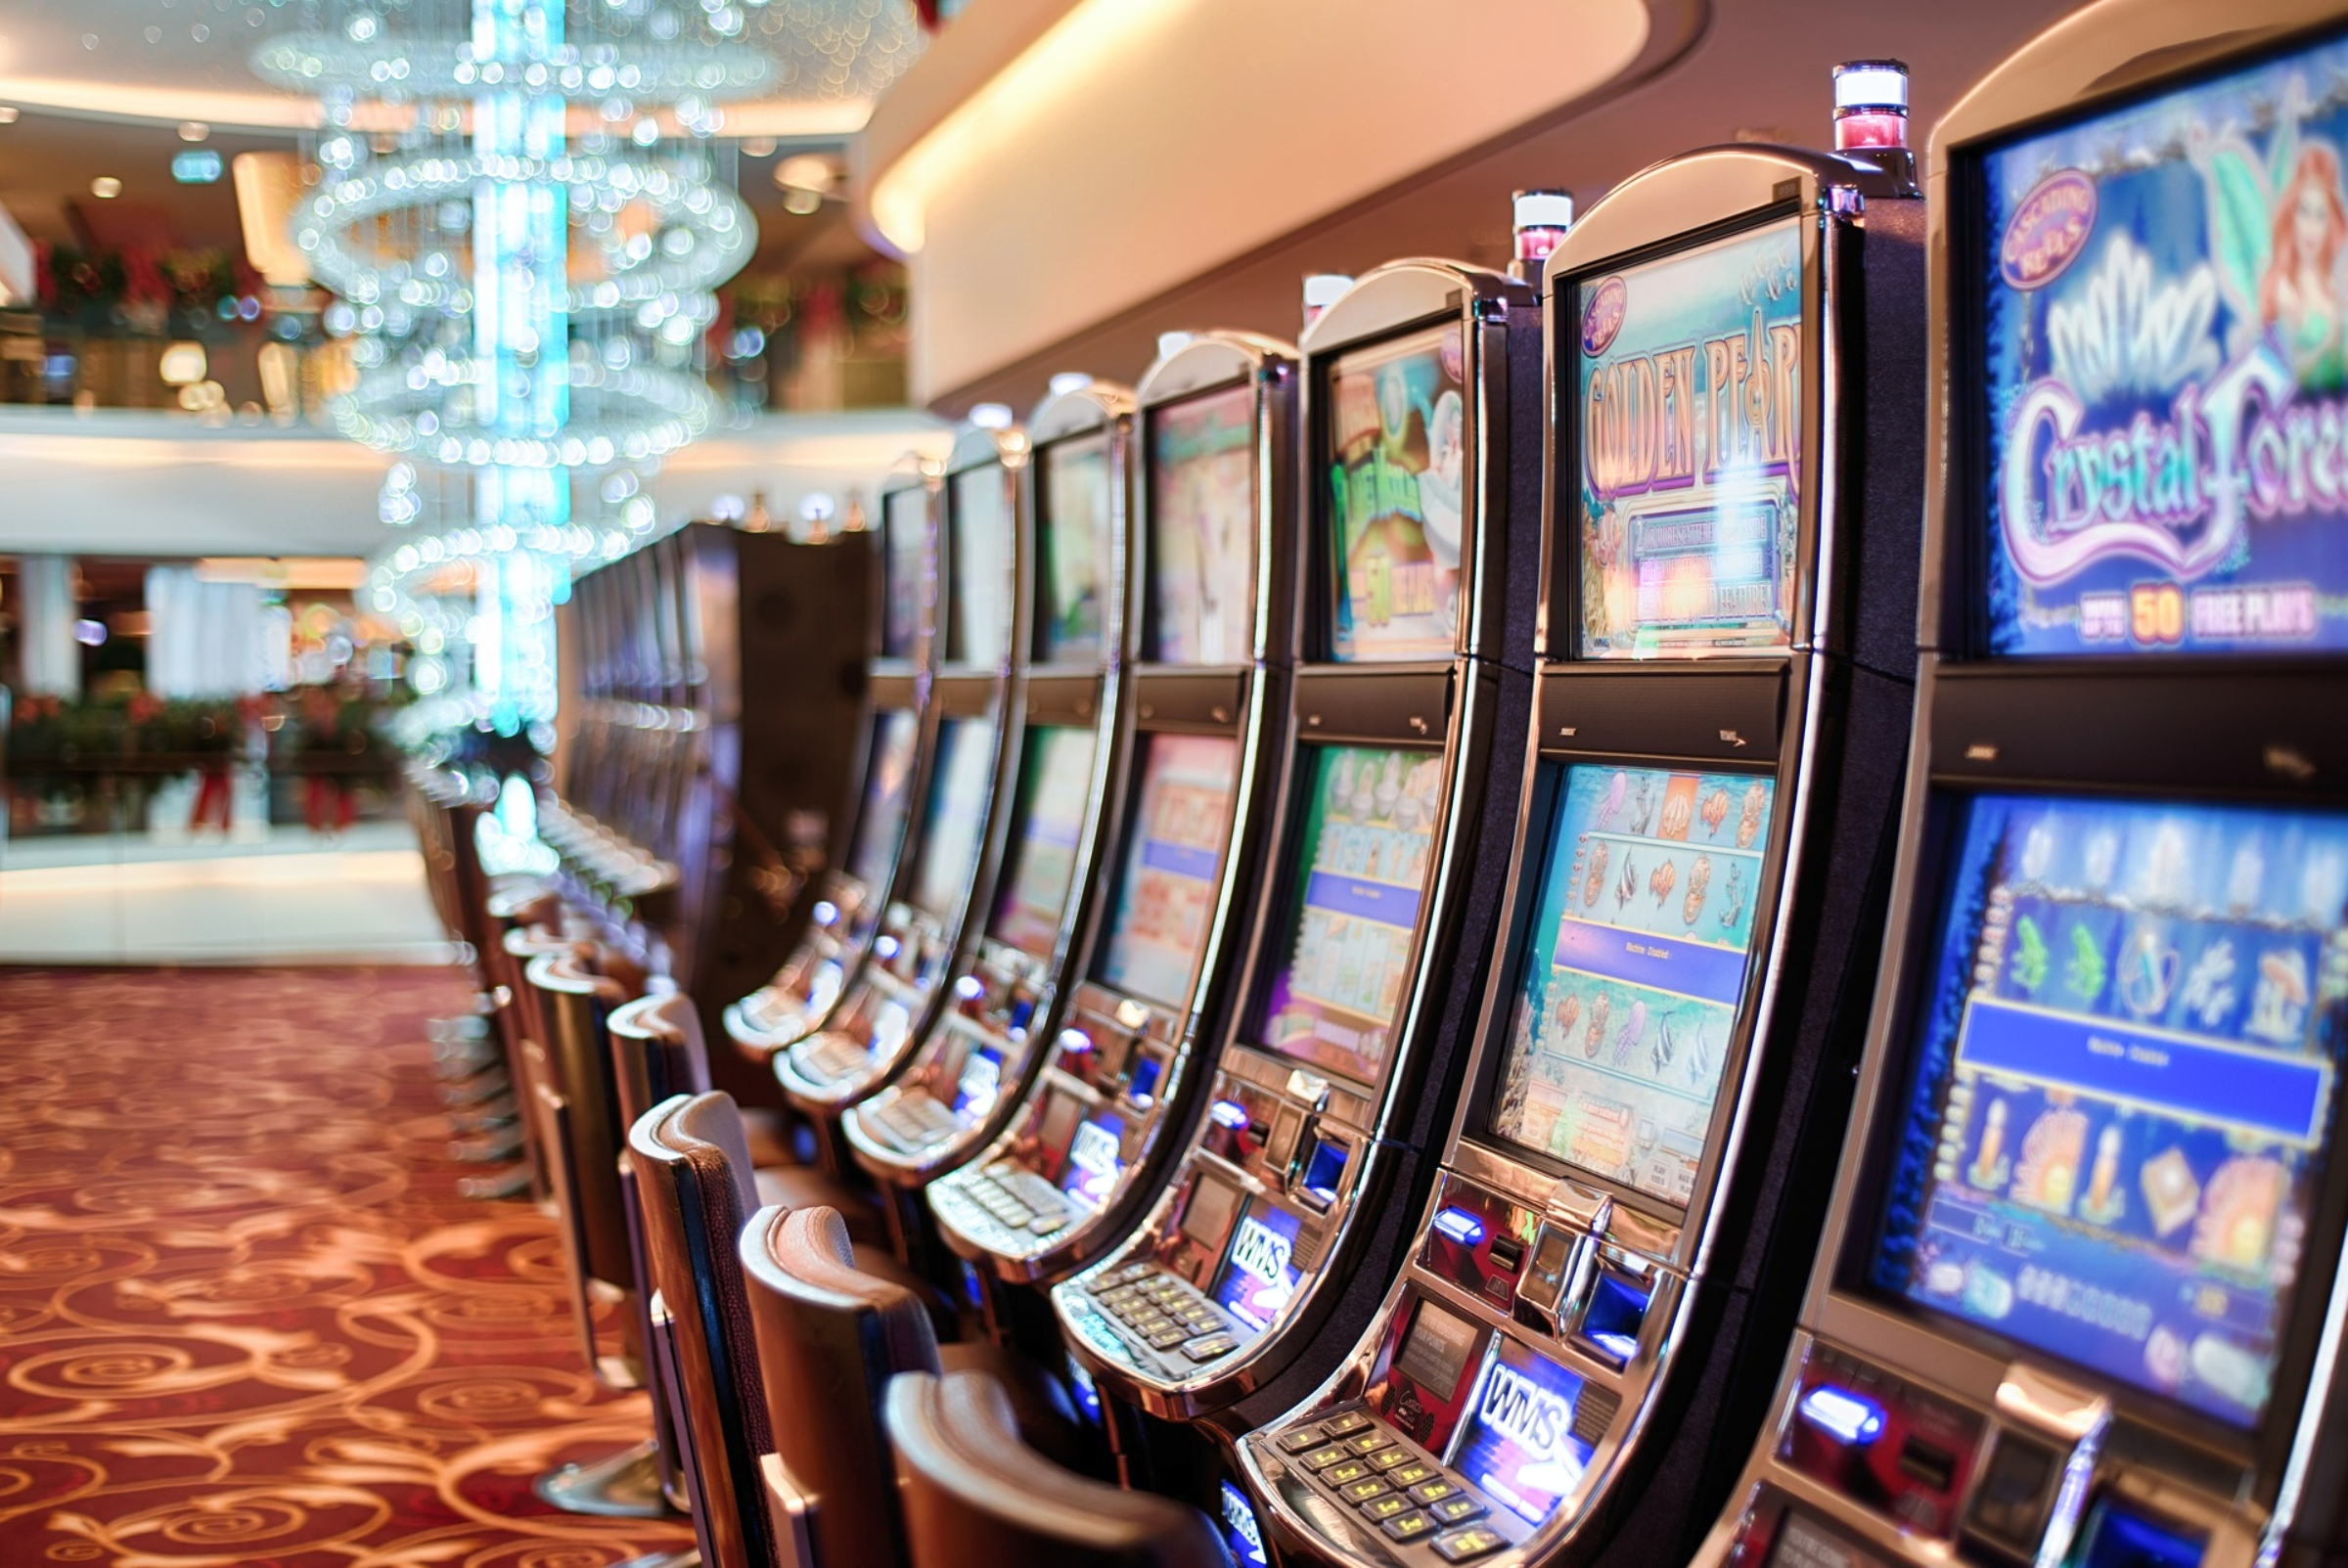 Gioco d'azzardo: sul sito di Avviso Pubblico gli orientamenti dei TAR e del Consiglio di Stato sui provvedimenti emanati dagli Enti locali